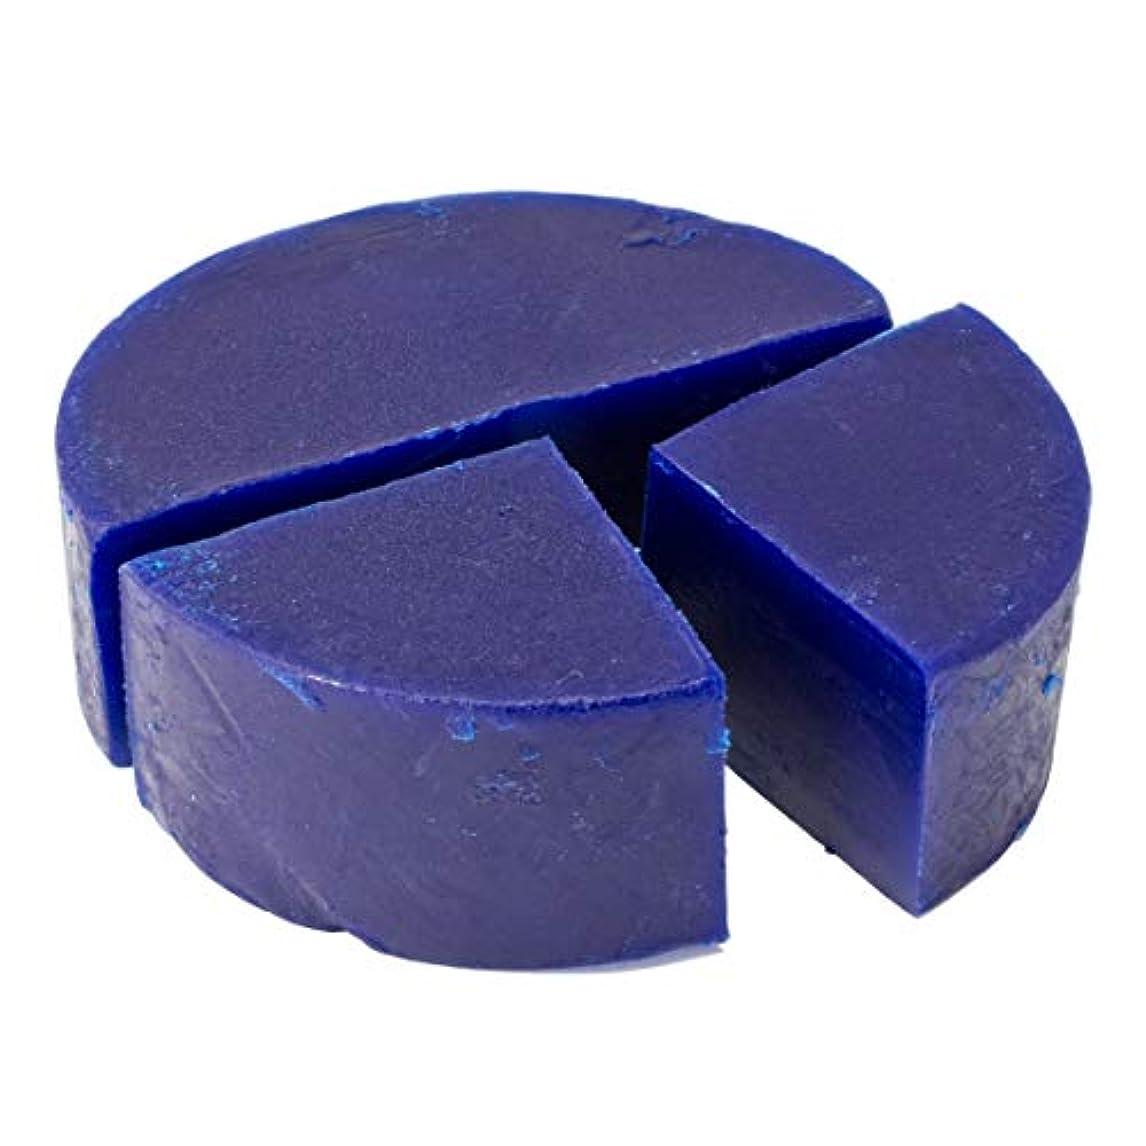 グリセリン クリアソープ 色チップ 青 100g (MPソープ)